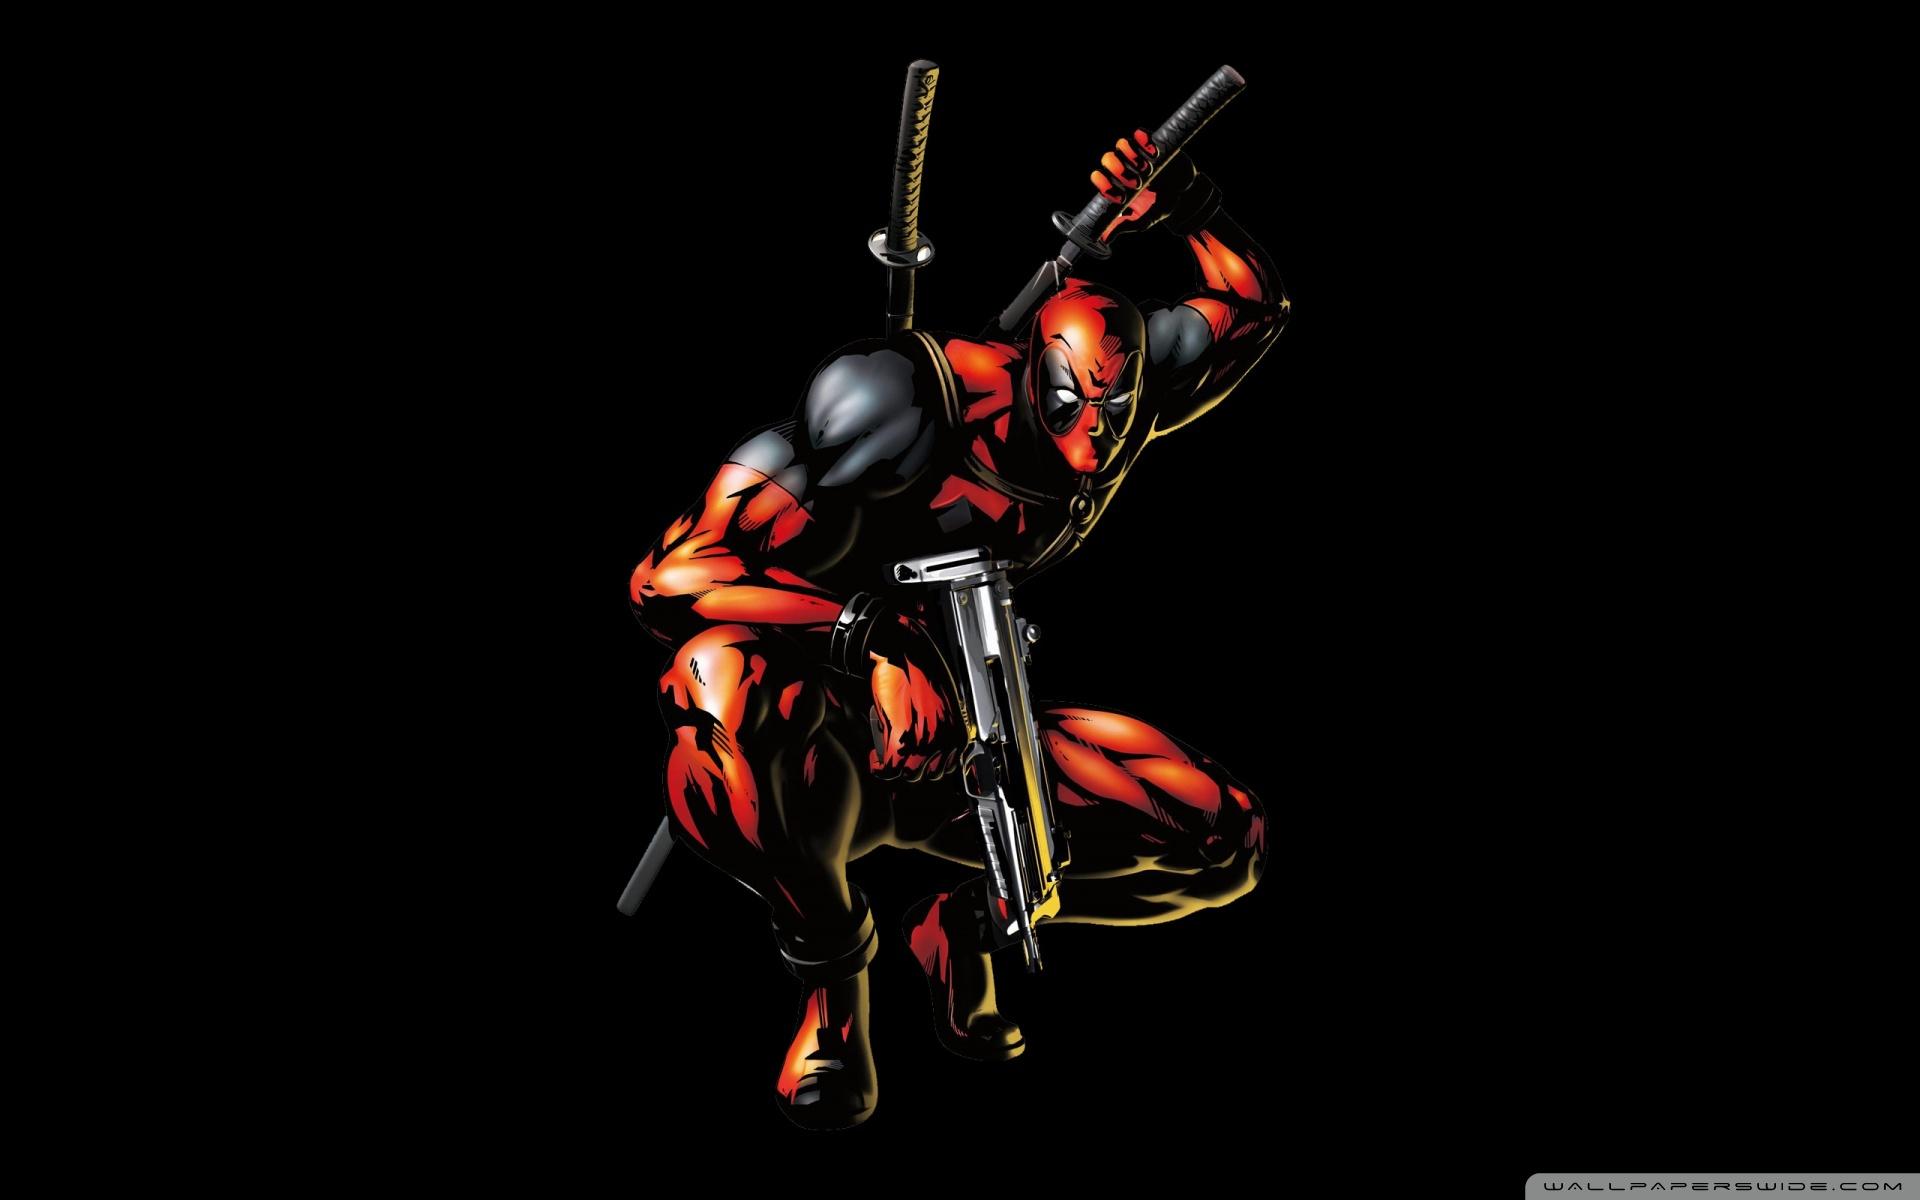 Wonderful Wallpaper High Resolution Deadpool - deadpool_cartoon-wallpaper-1920x1200  Picture_854848.jpg